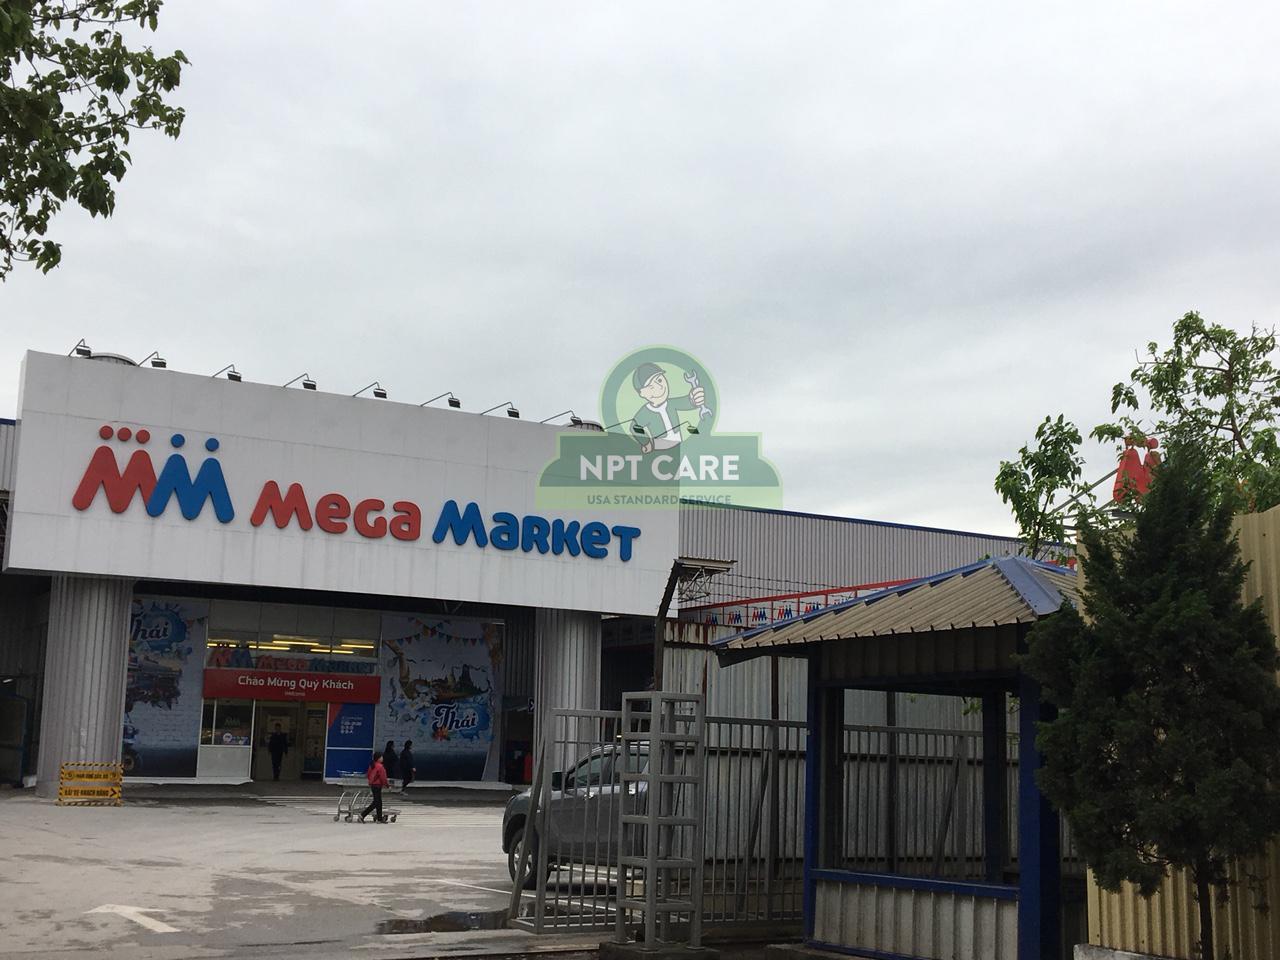 Khảo sát và lên phương án bảo trì hệ thống lạnh công nghiệp MM MEGA MARKET tại Hà Nội